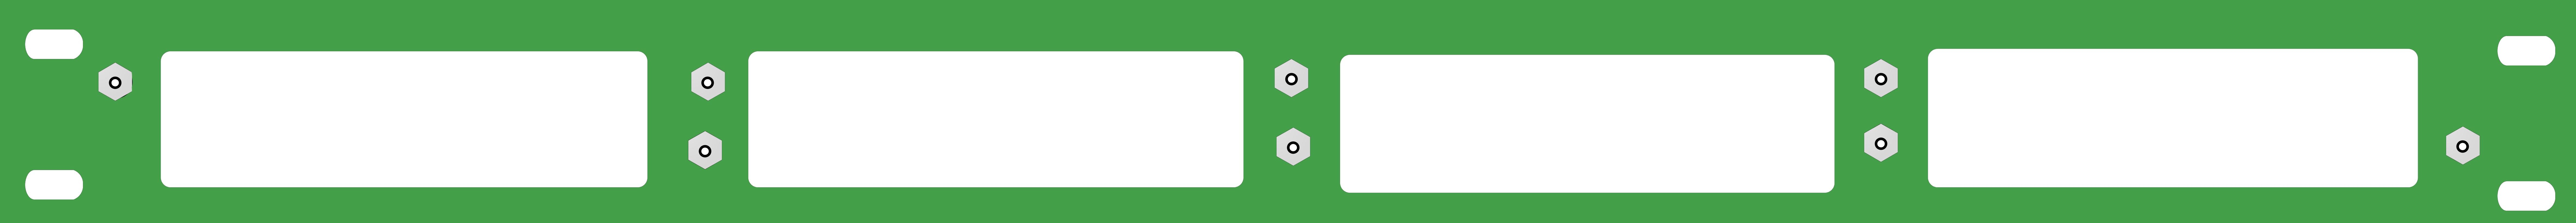 1U Rack Mount Plate